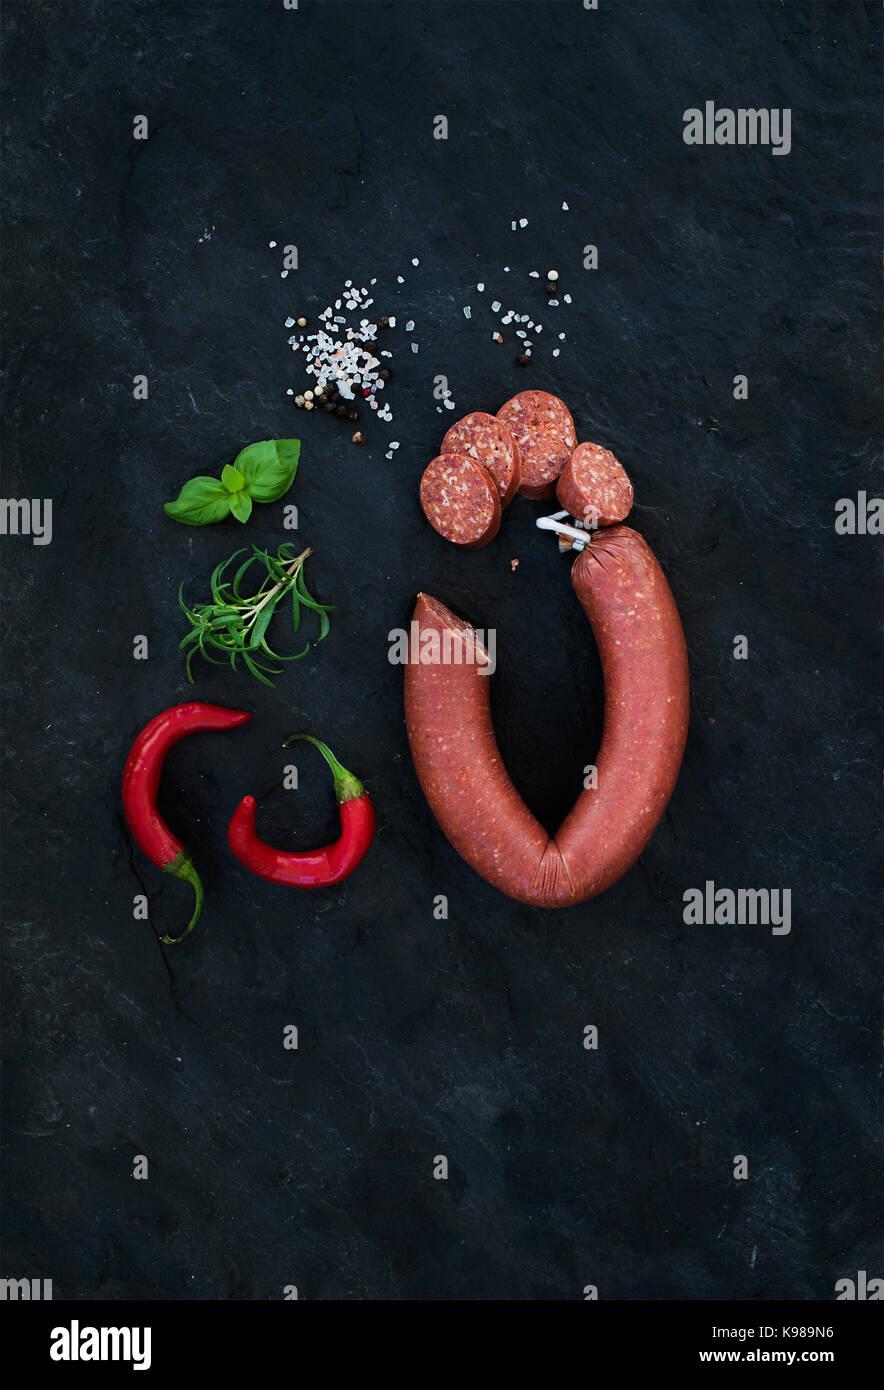 Geräucherter salami Wurst mit Rosmarin, Chili, Basilikum und Salz über schwarzen Schiefer Hintergrund, Stockbild